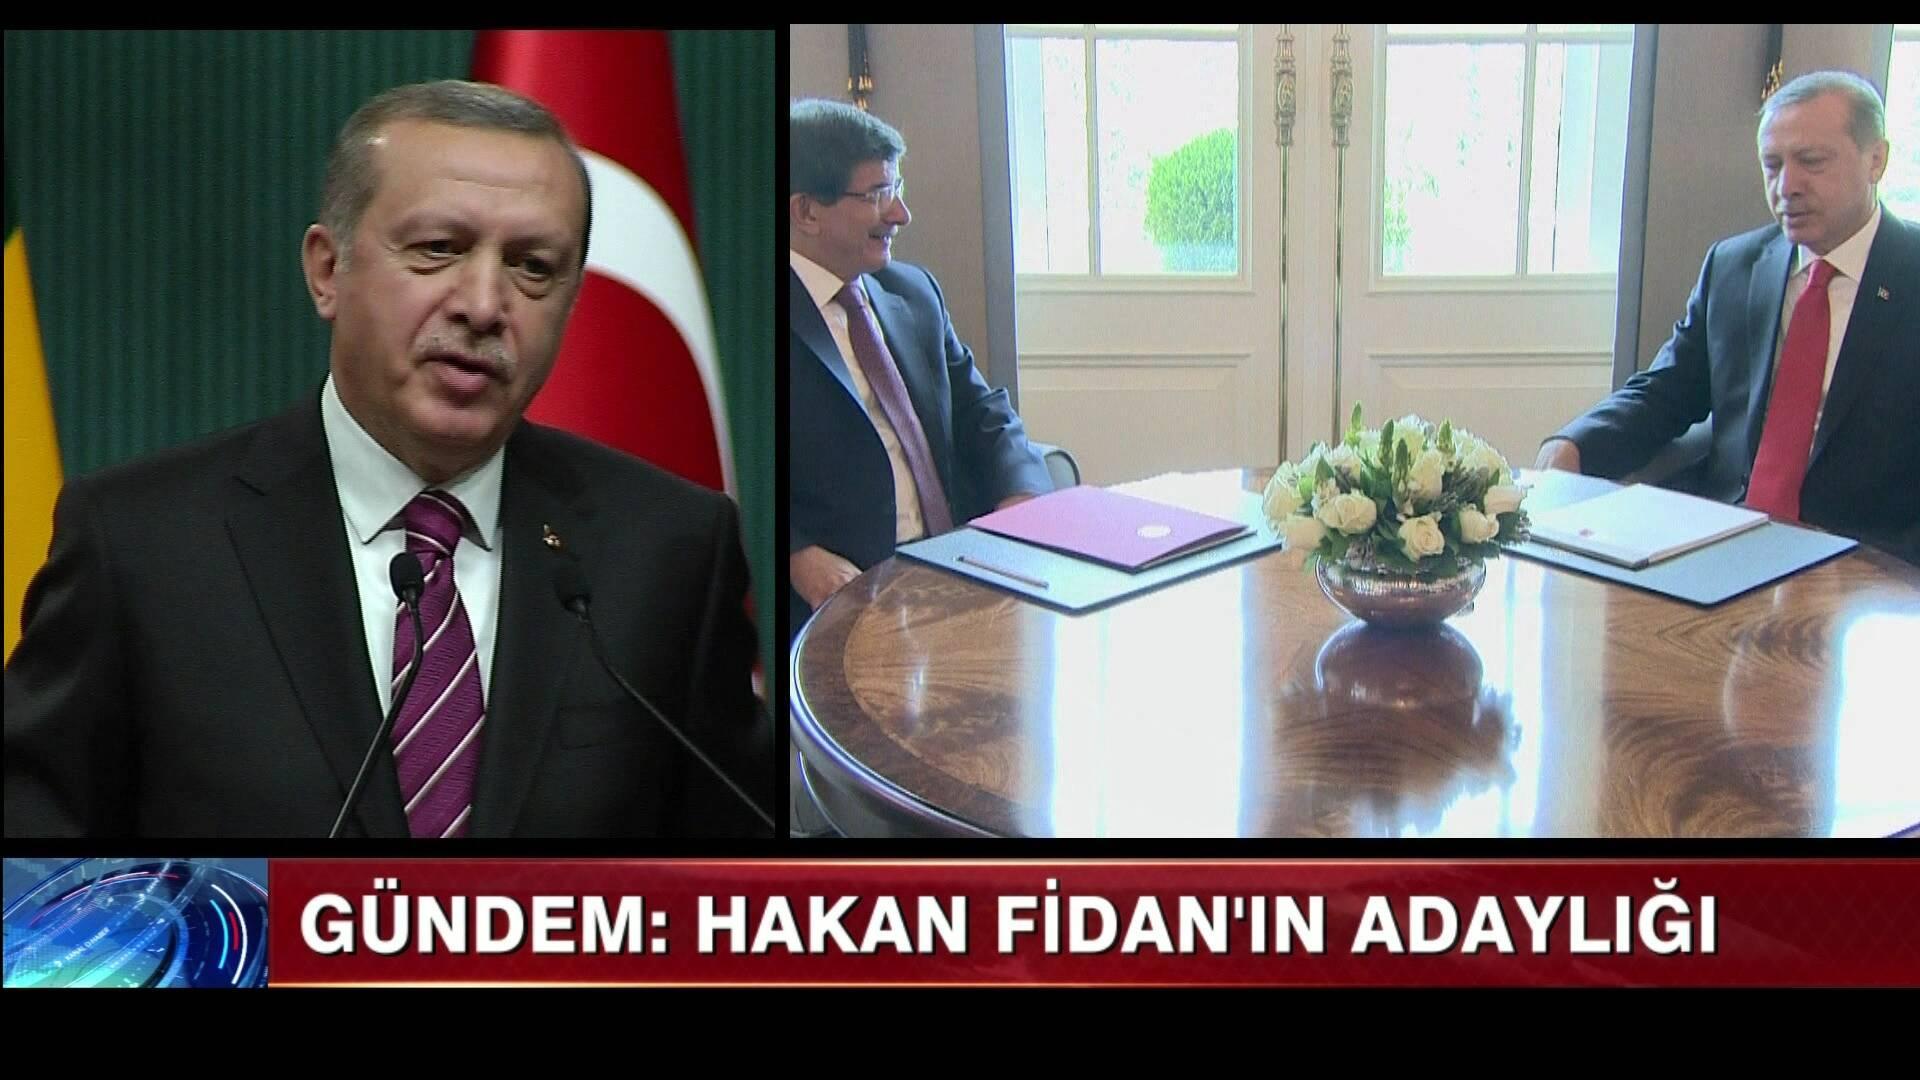 Ankara'nın gündemi değişti